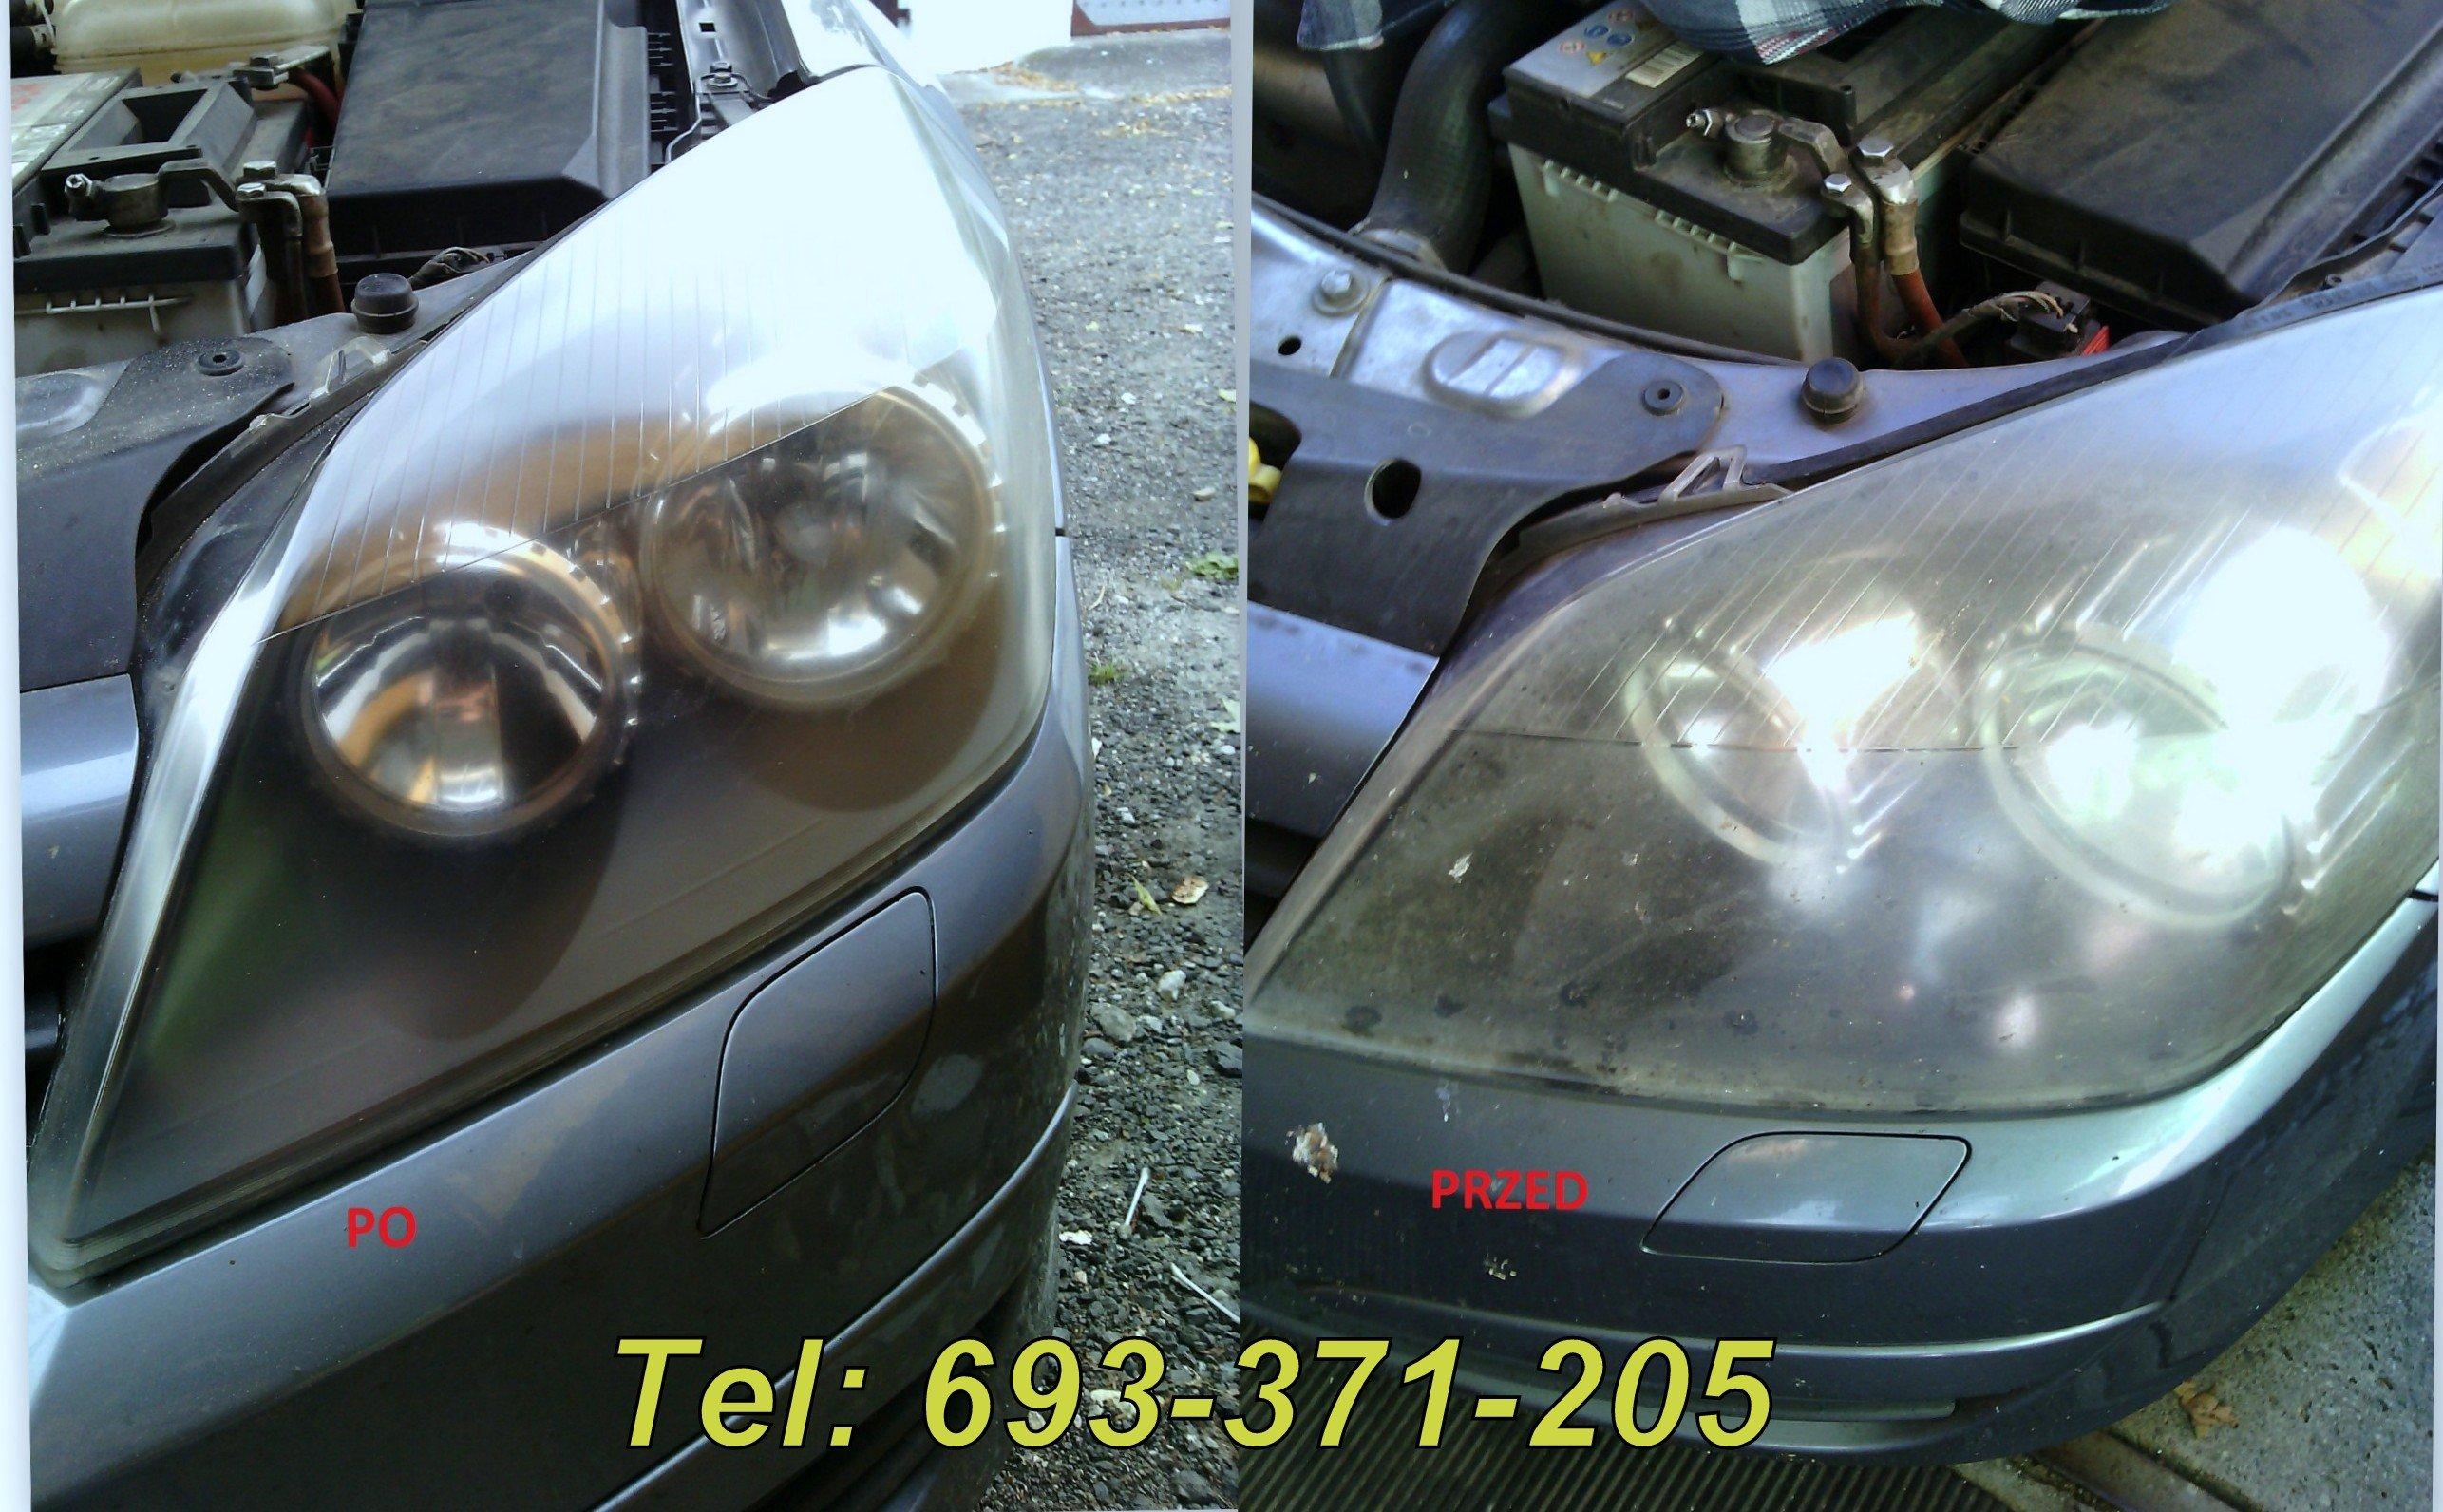 Polerowanie lamp samochodowych oraz karoserii pojazdu